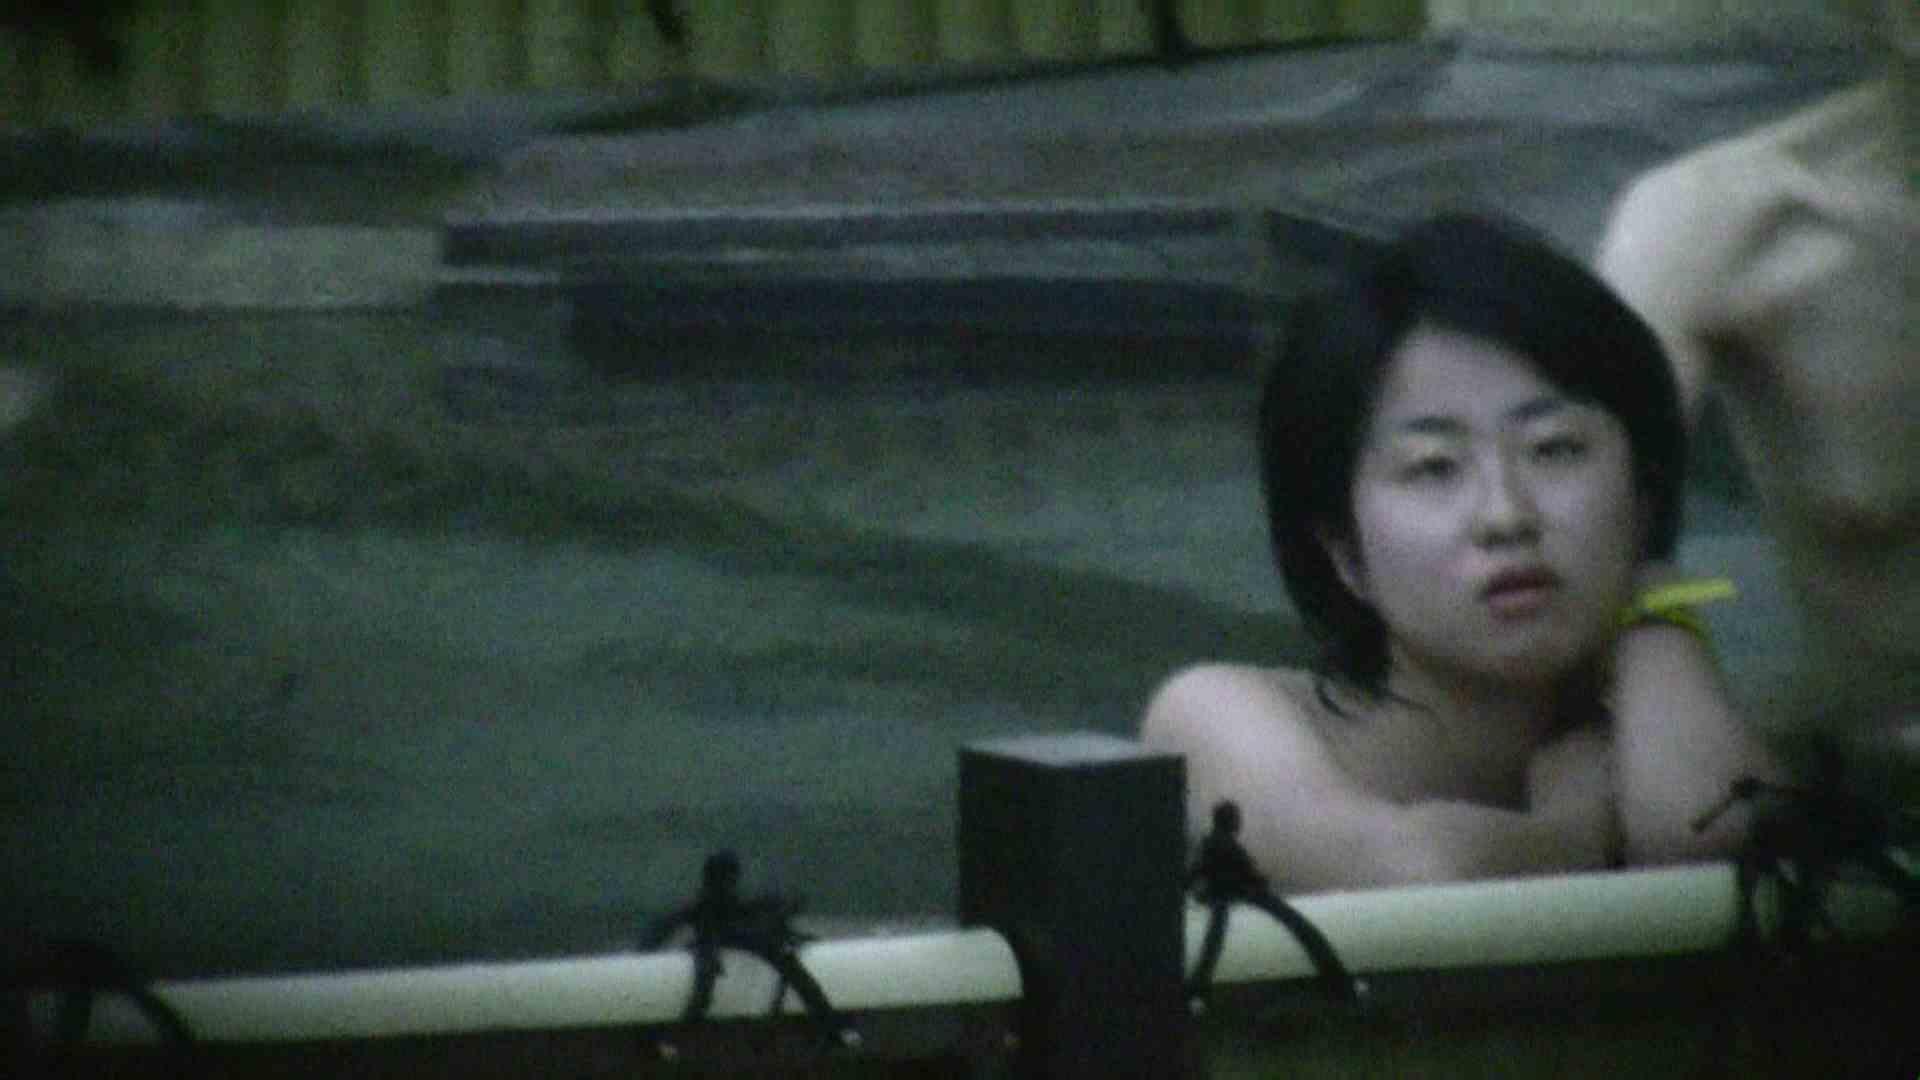 Aquaな露天風呂Vol.112 OLエロ画像 | 露天  26PICs 22